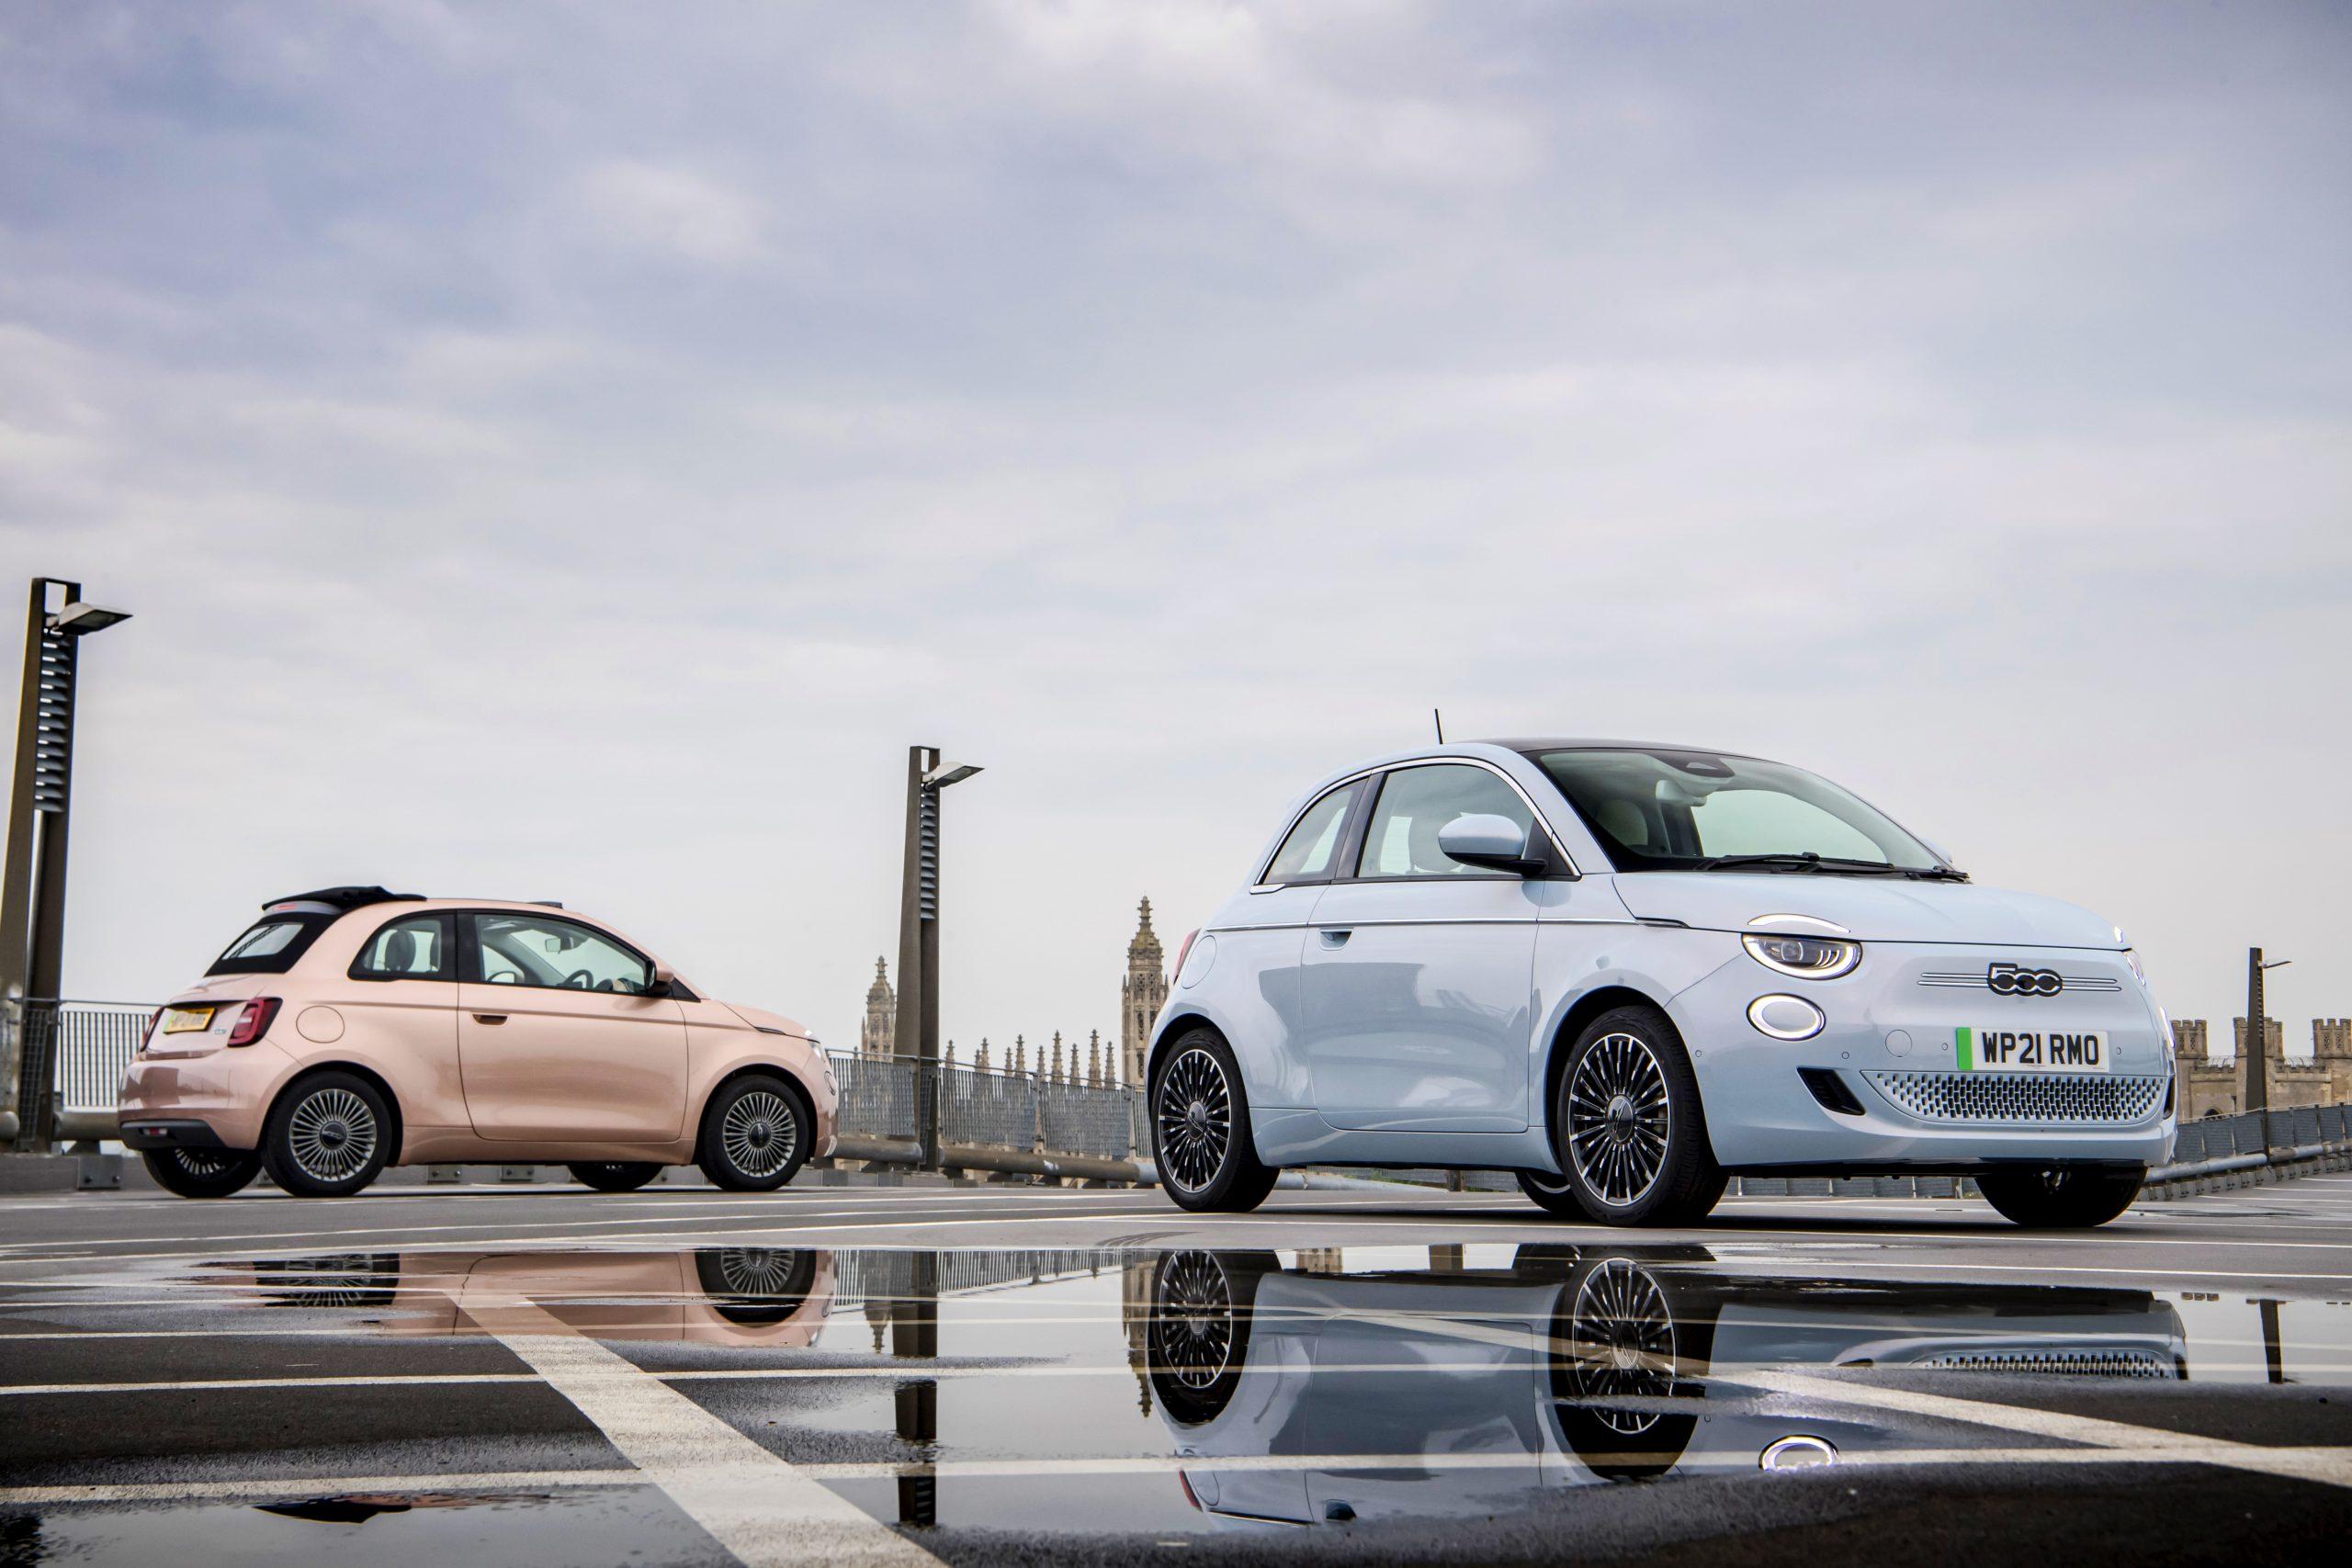 Nowy Fiat 500 - Mały Samochód Roku w konkursie News UK Motor Awards